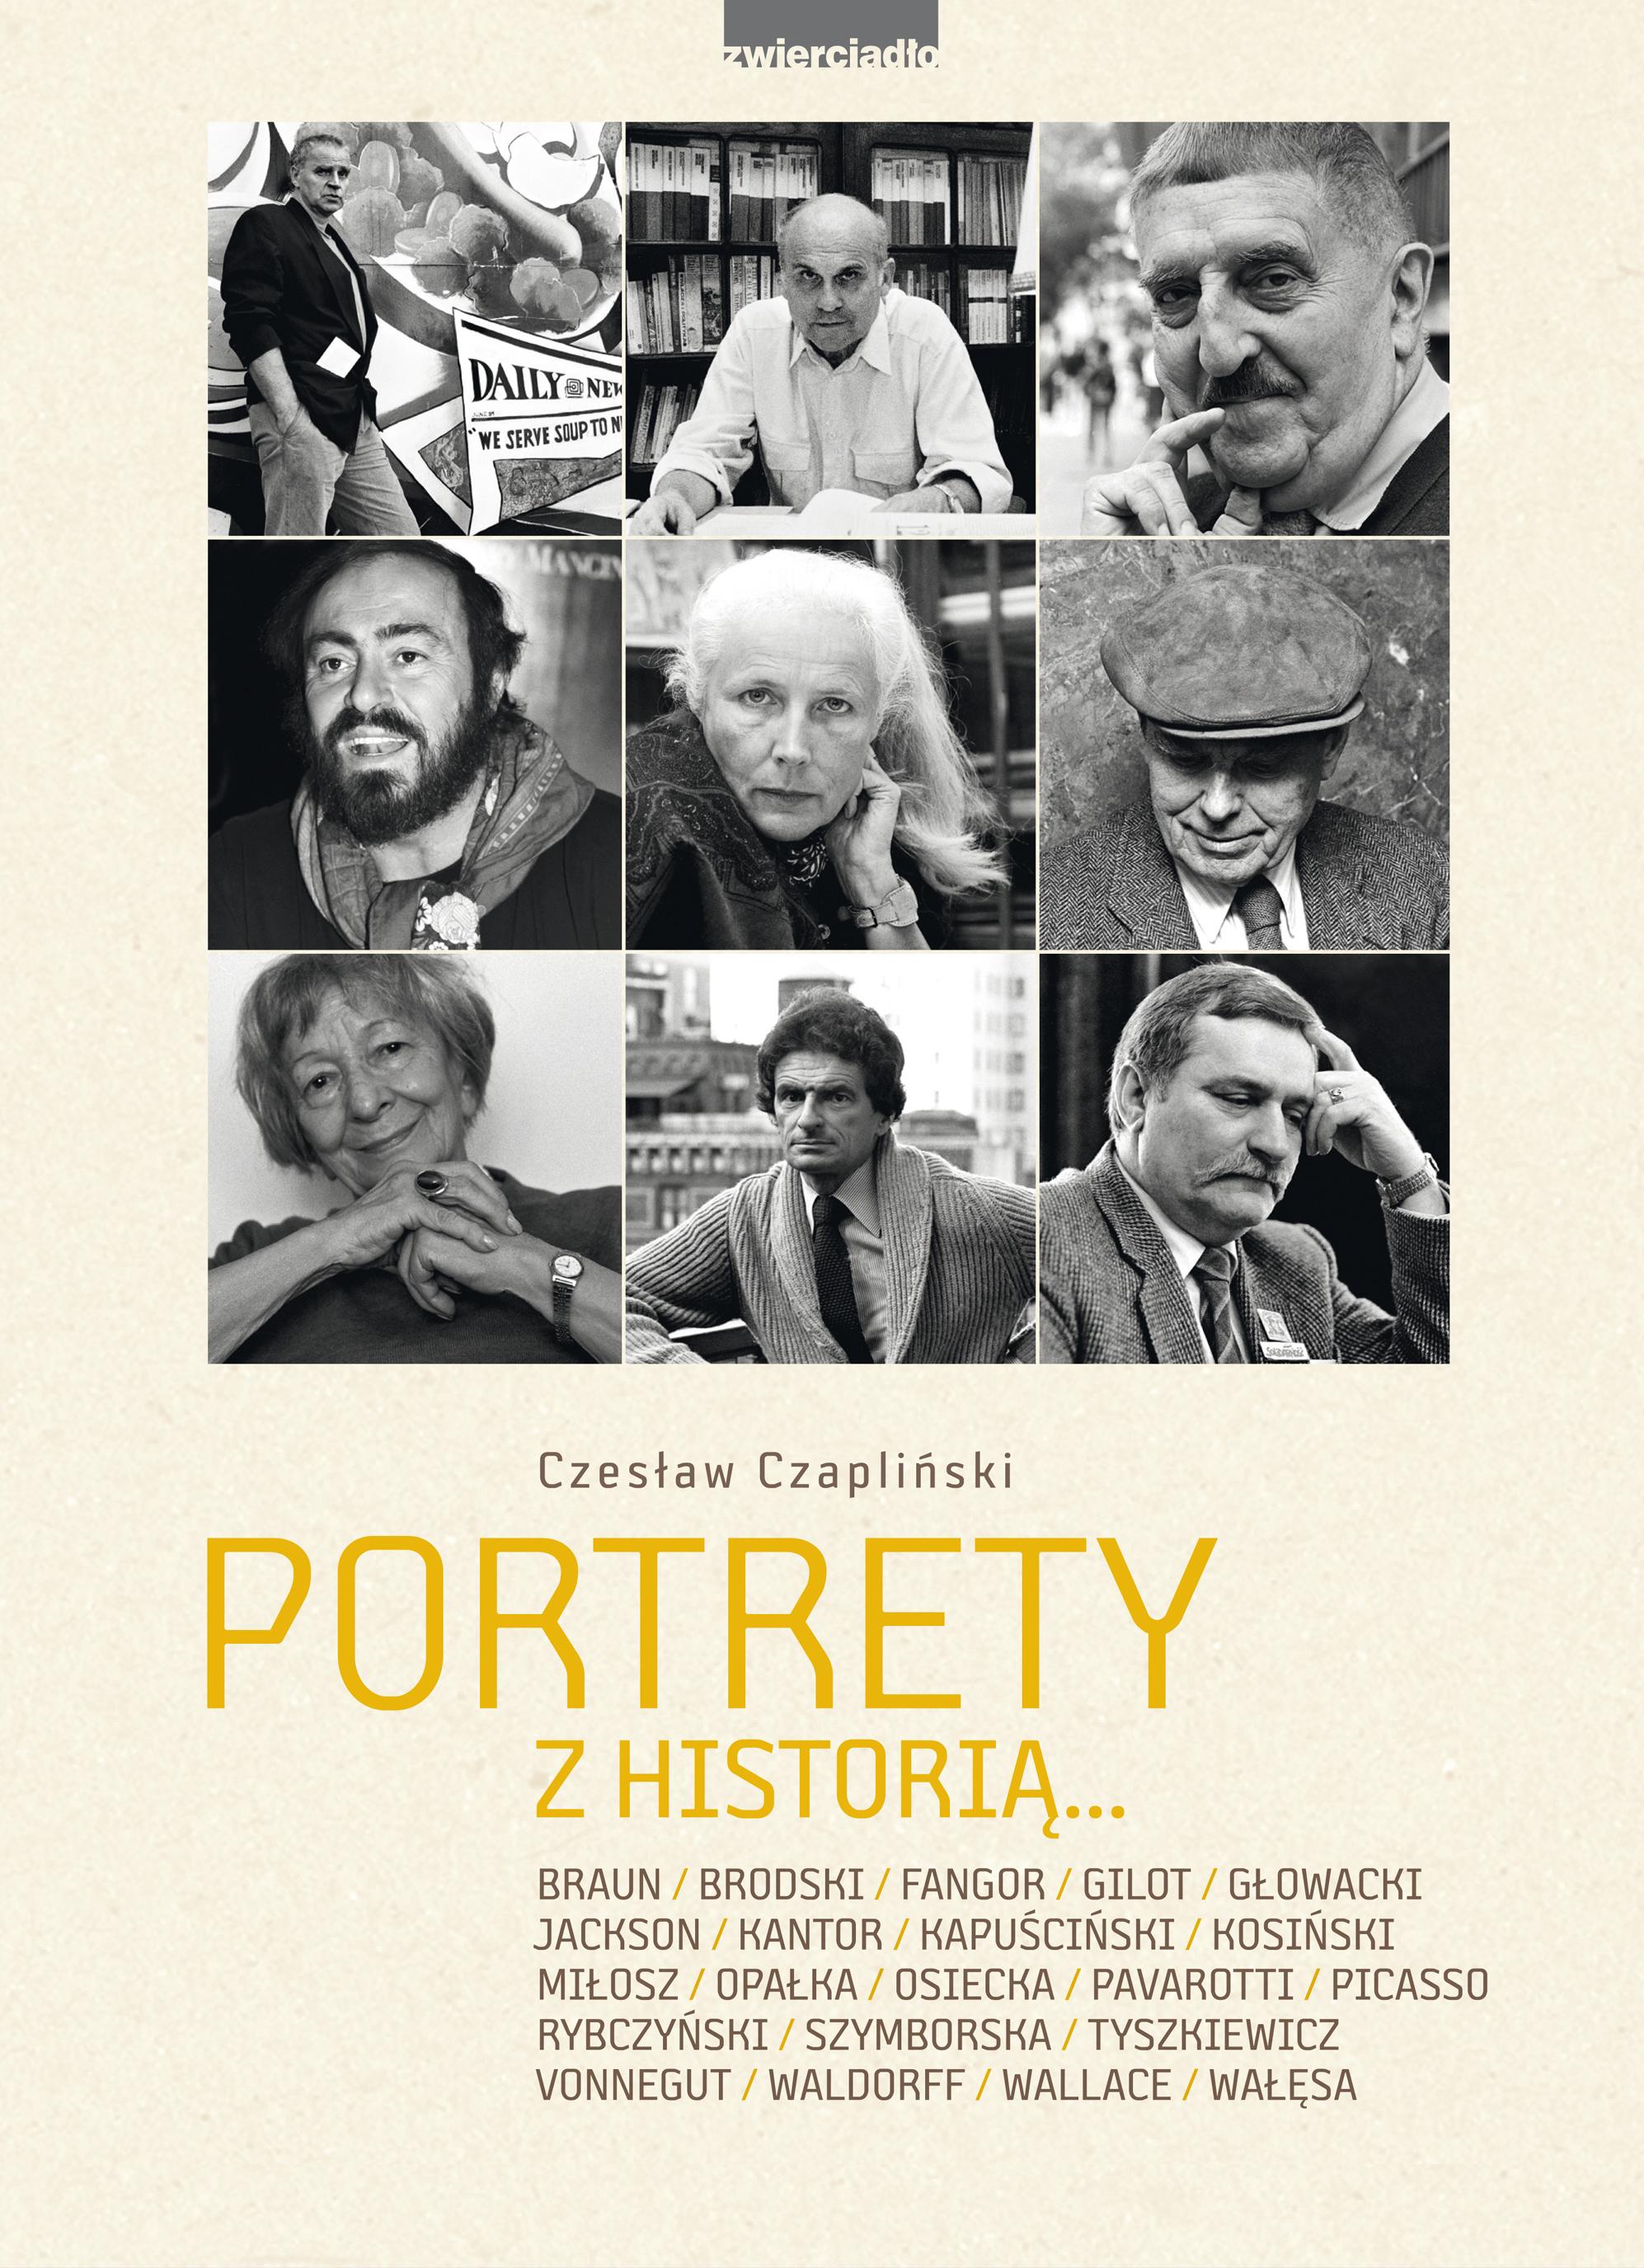 Portrety z historia_300 dpi